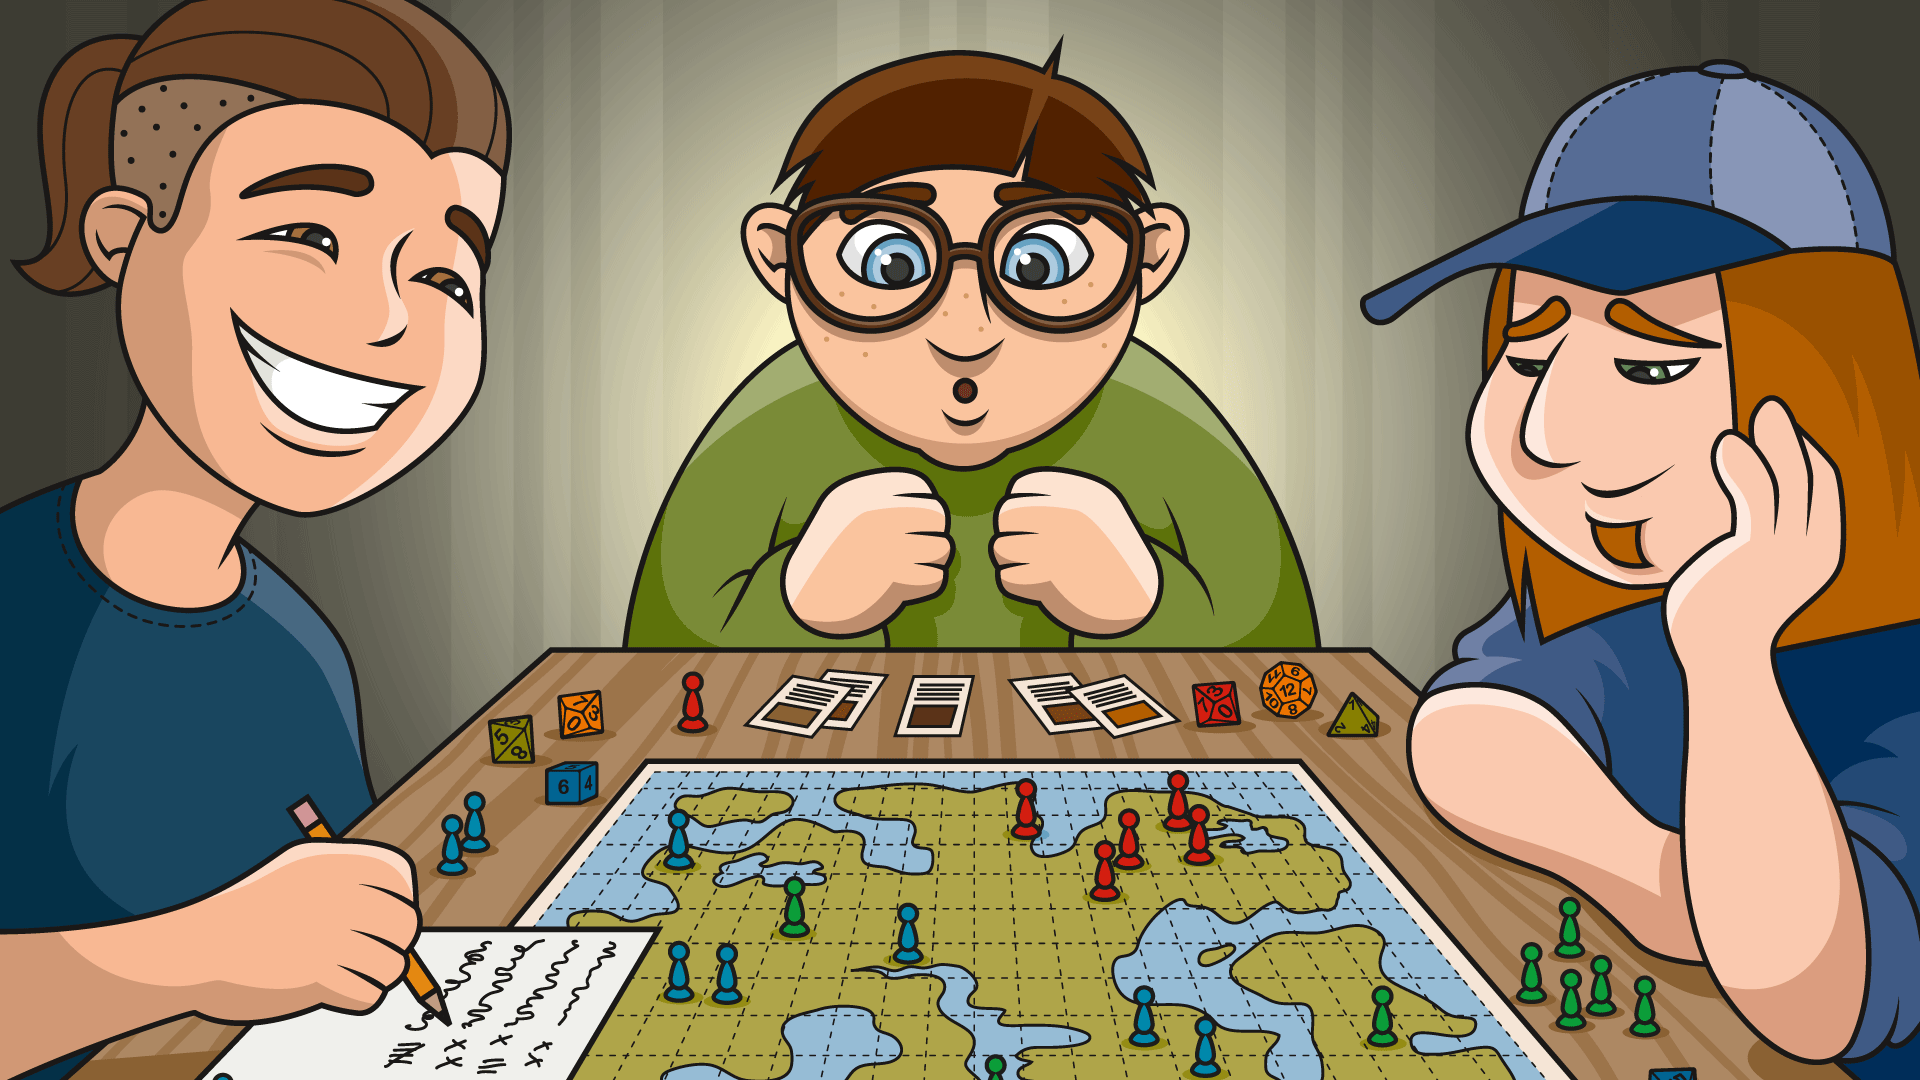 Seit 2010 erstellen wir für HUCH! Videos über deren Brettspiele, Familien und Gesellschaftsspiele. In dieser Case Study stellen wir Sinn und Zweck des Ganzen vor.